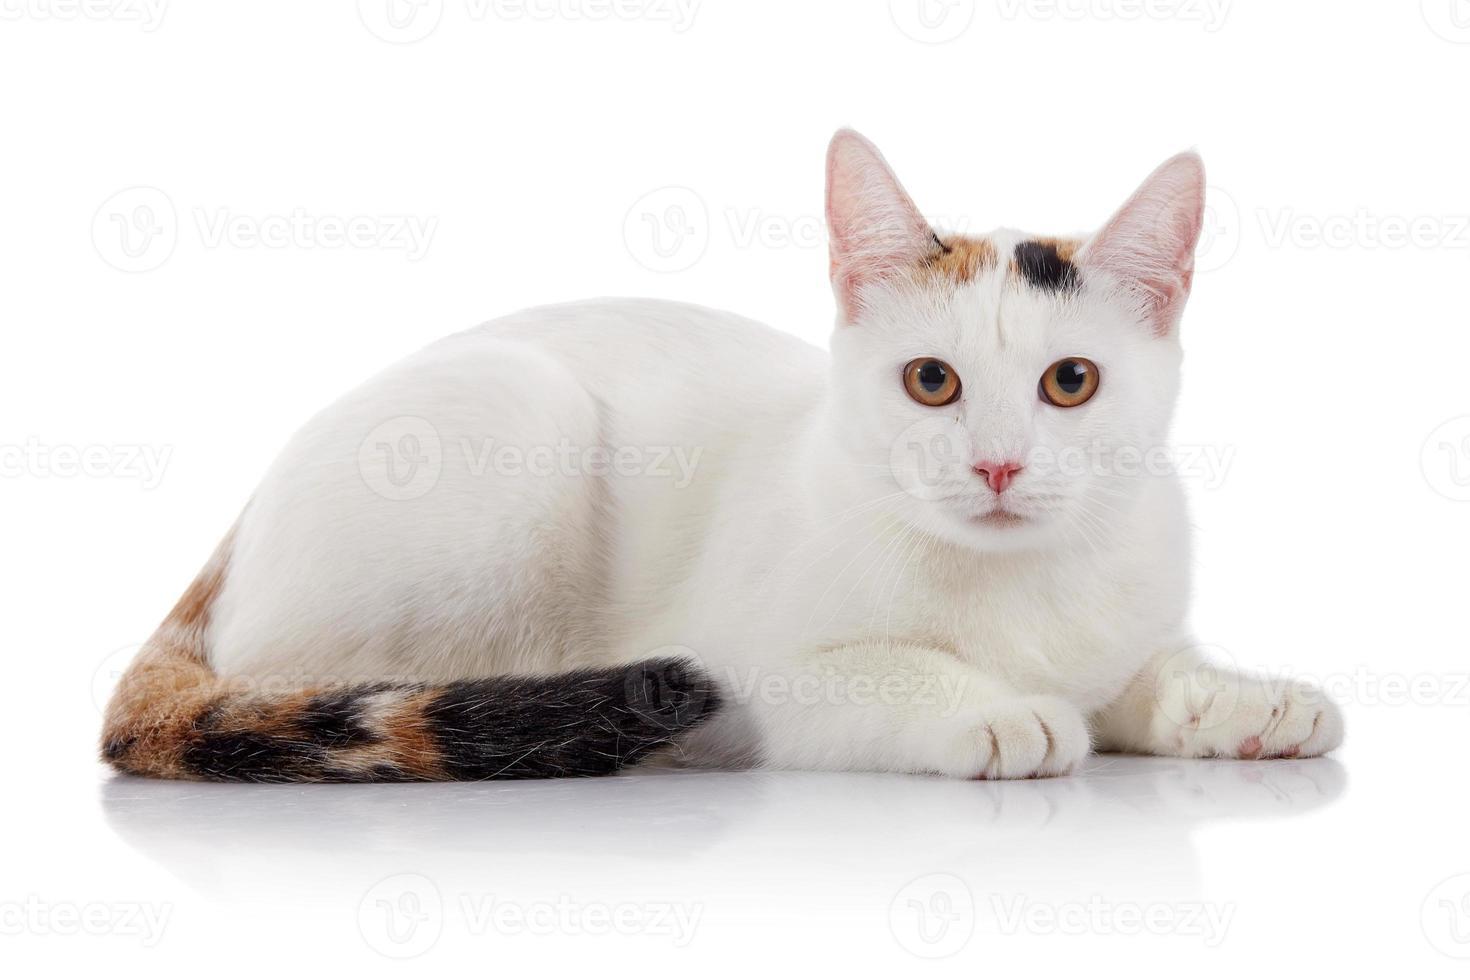 gatto domestico bianco con una coda a strisce multicolore foto